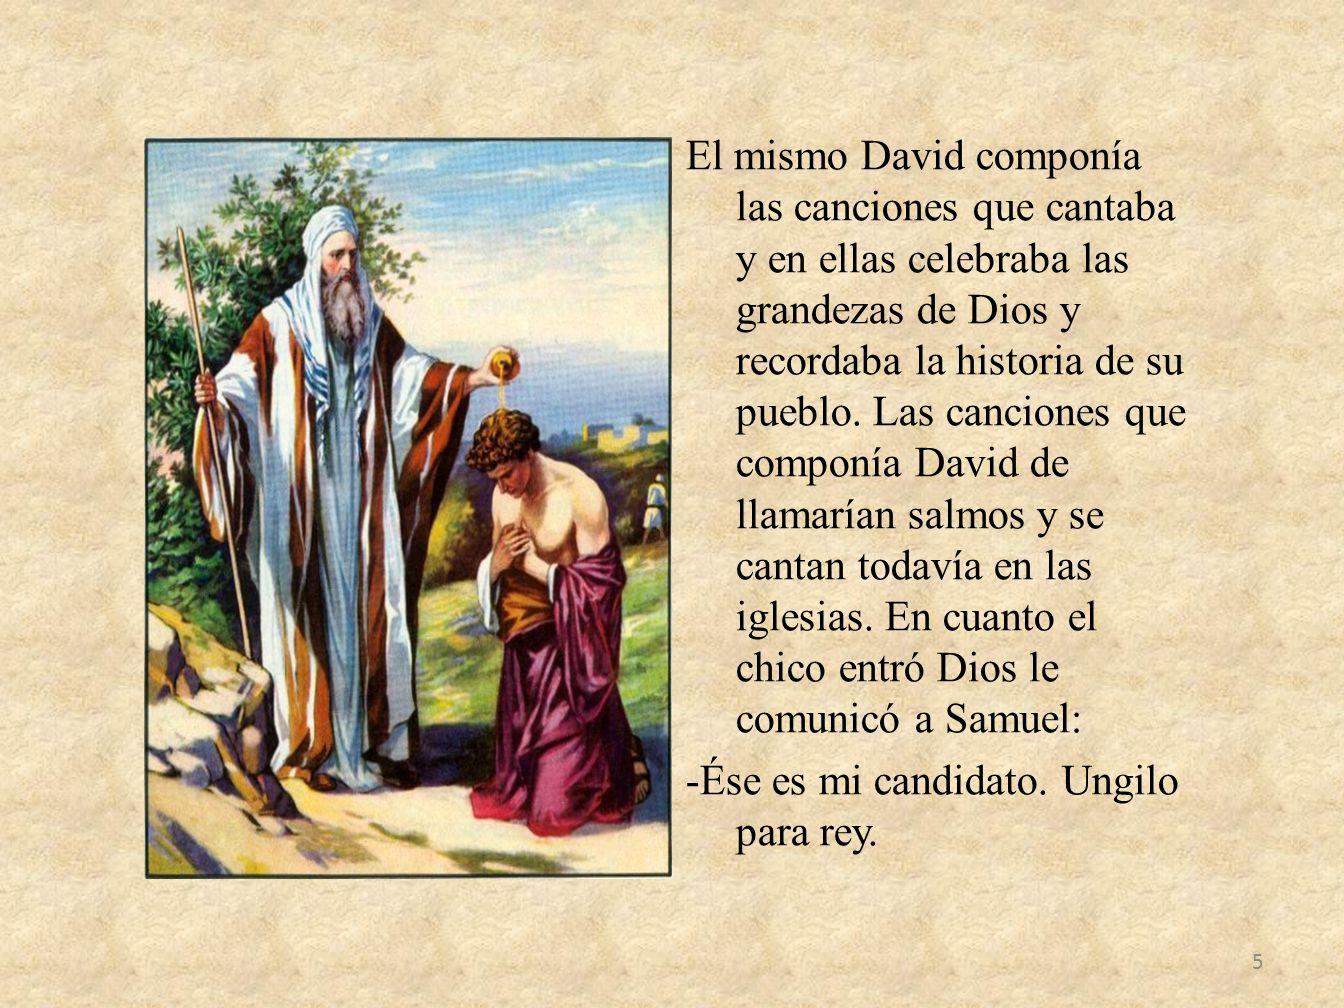 El mismo David componía las canciones que cantaba y en ellas celebraba las grandezas de Dios y recordaba la historia de su pueblo.